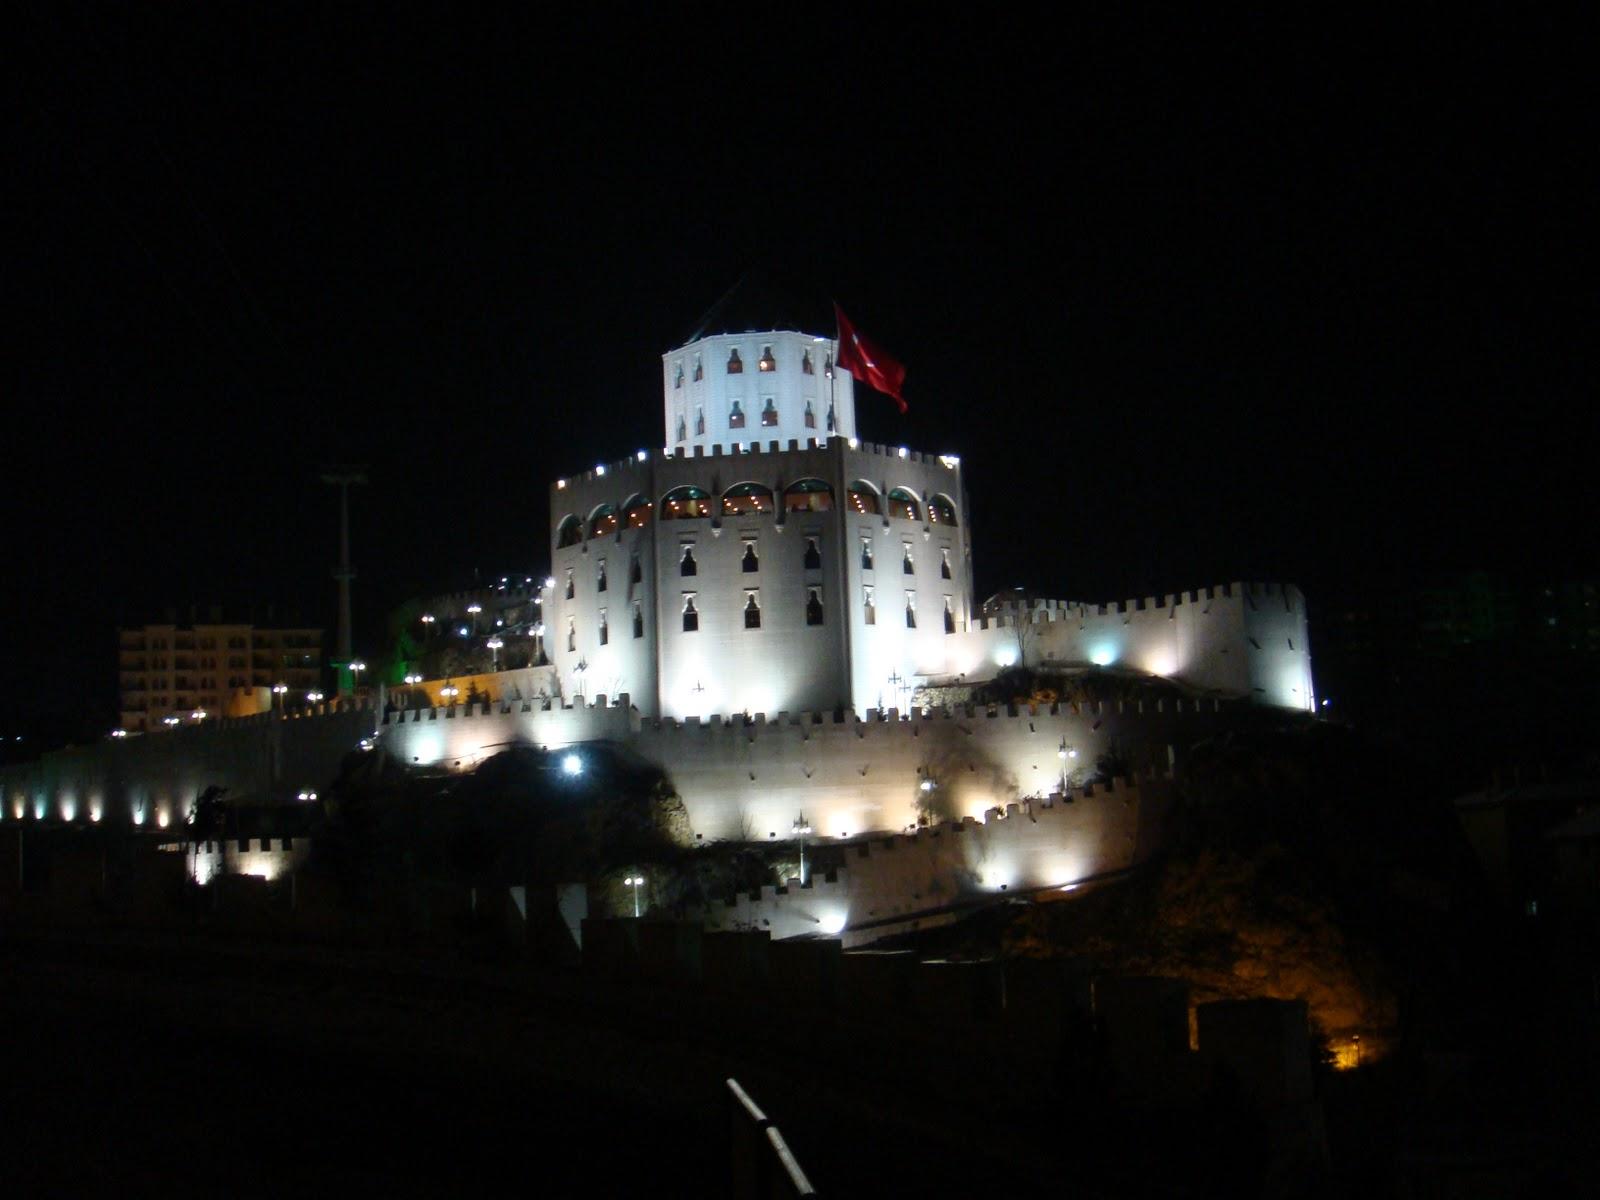 Mevzu BİLGİ: Ankara Keçiören Şelale Estergon kalesi resimleri